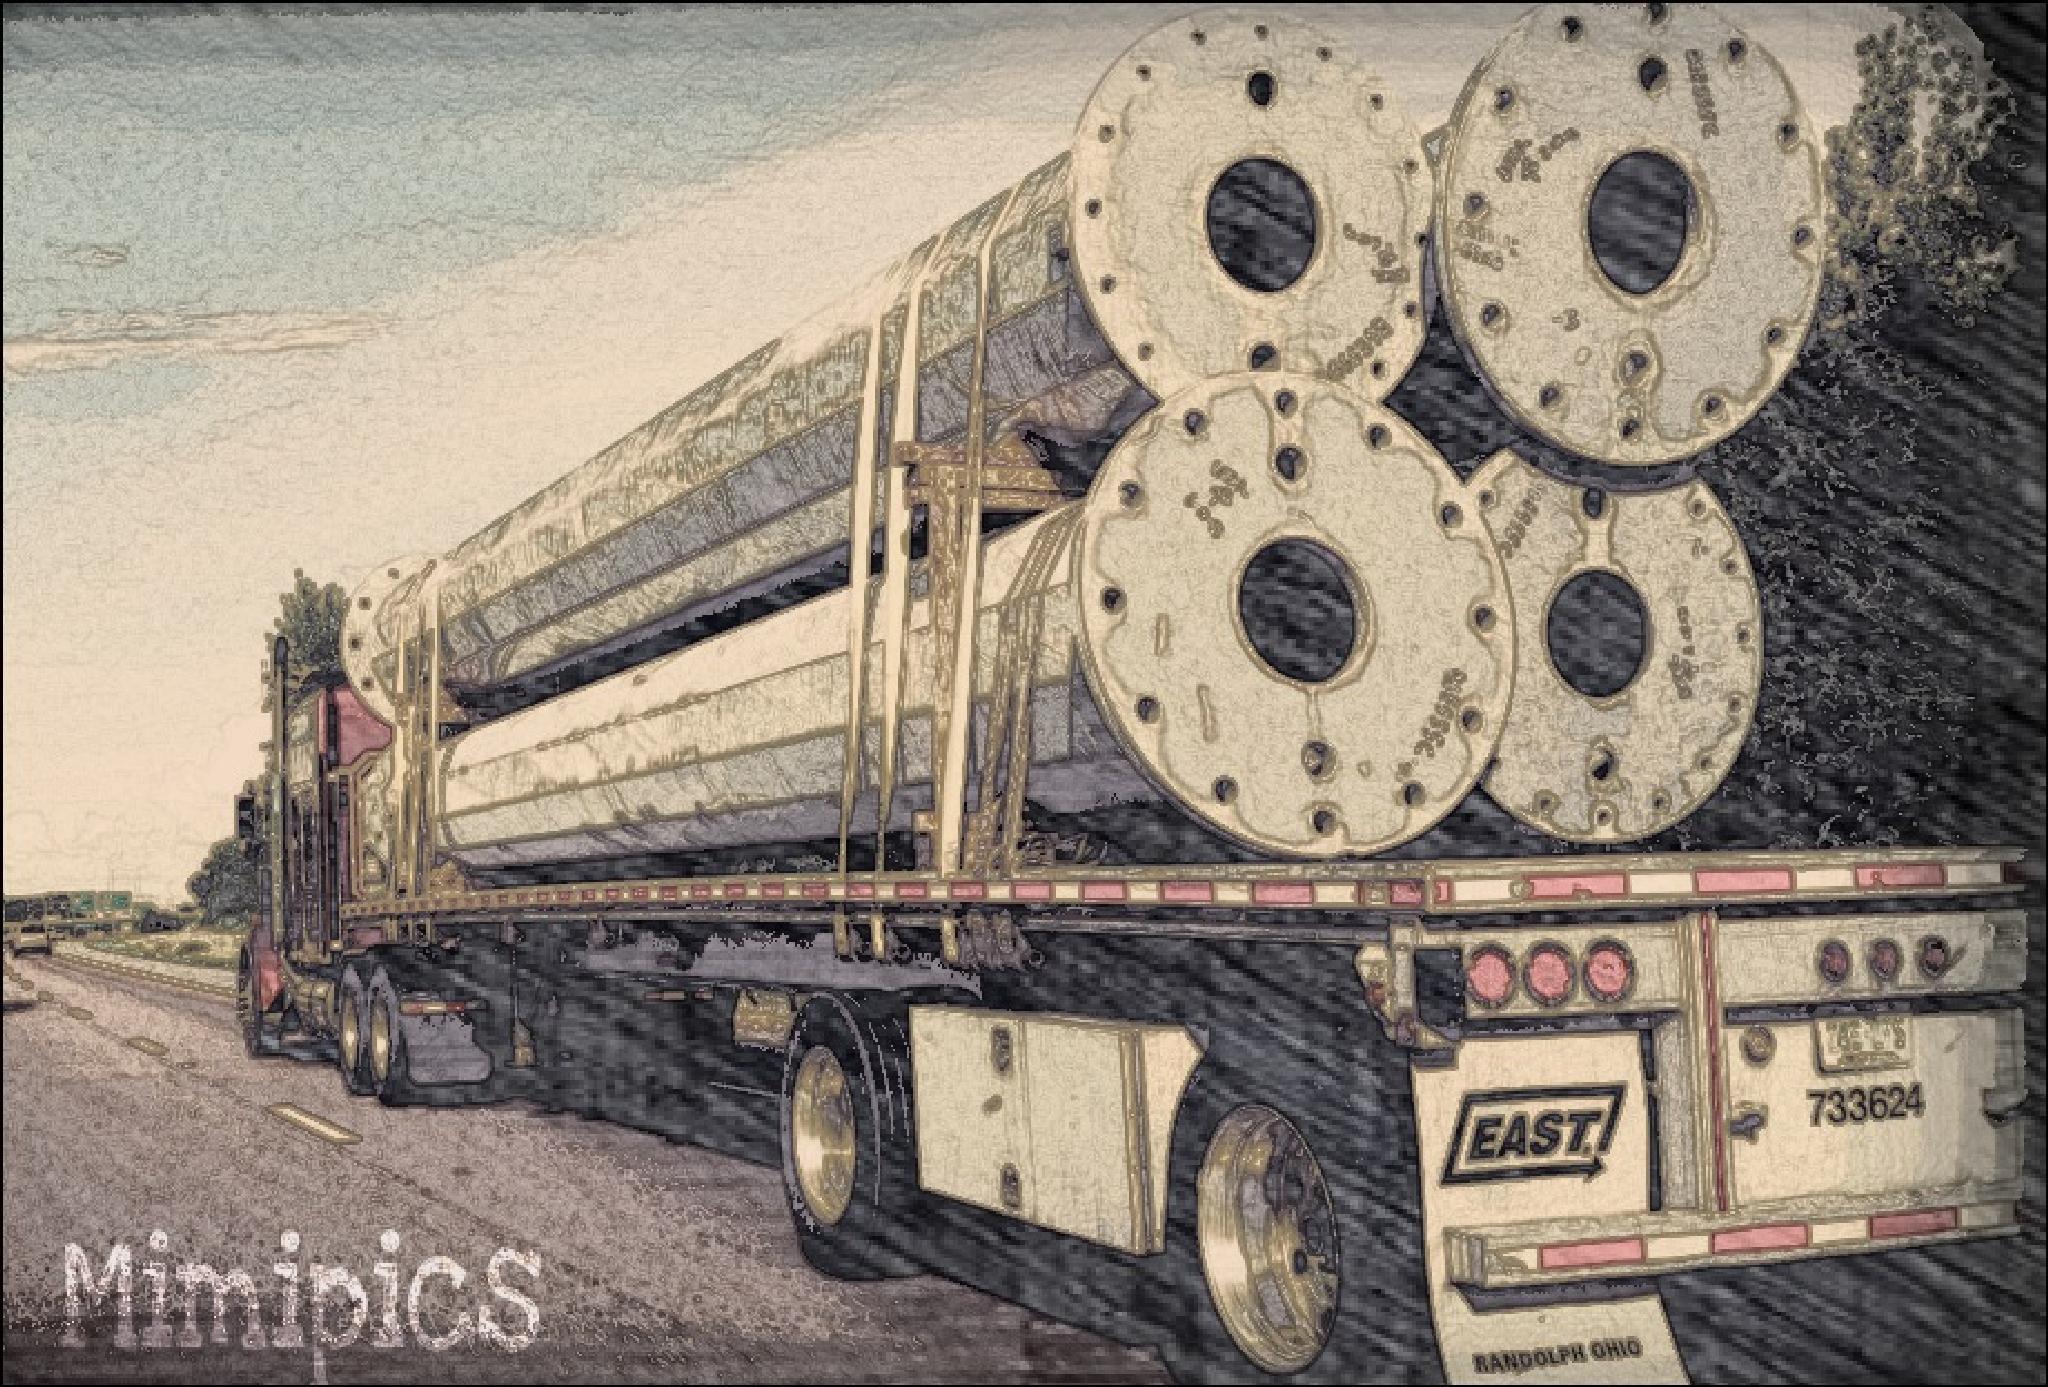 Truckin' by Mimipics